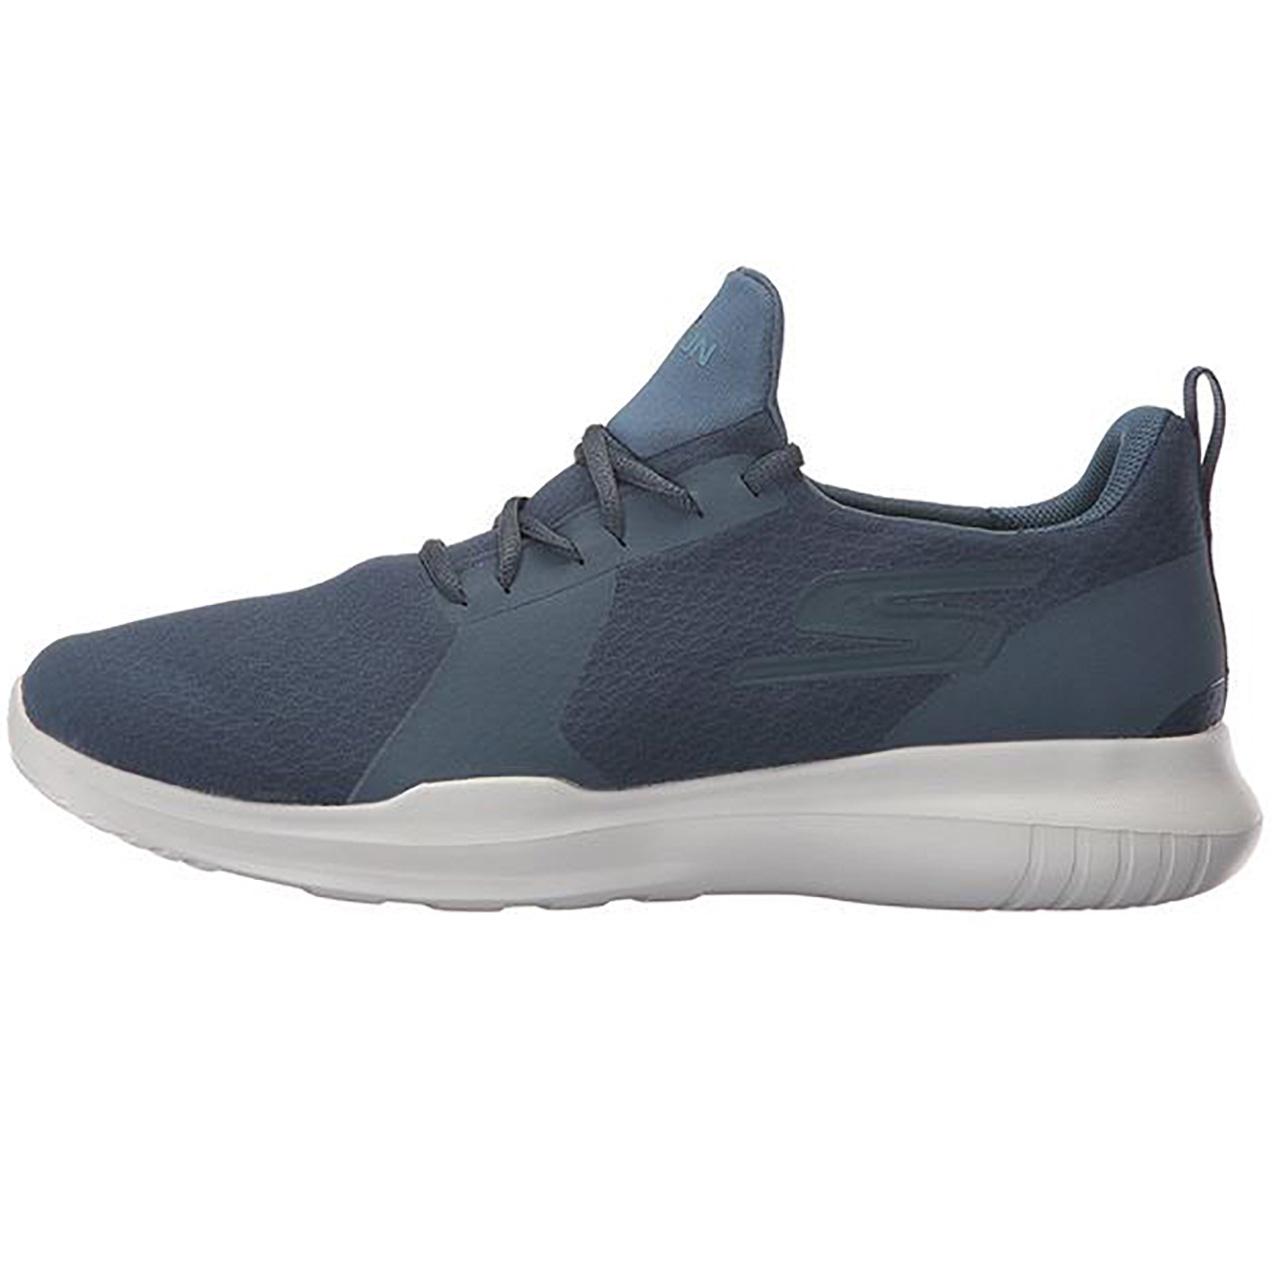 خرید کفش مخصوص پیاده روی زنانه اسکچرز مدل Go Run Mojo